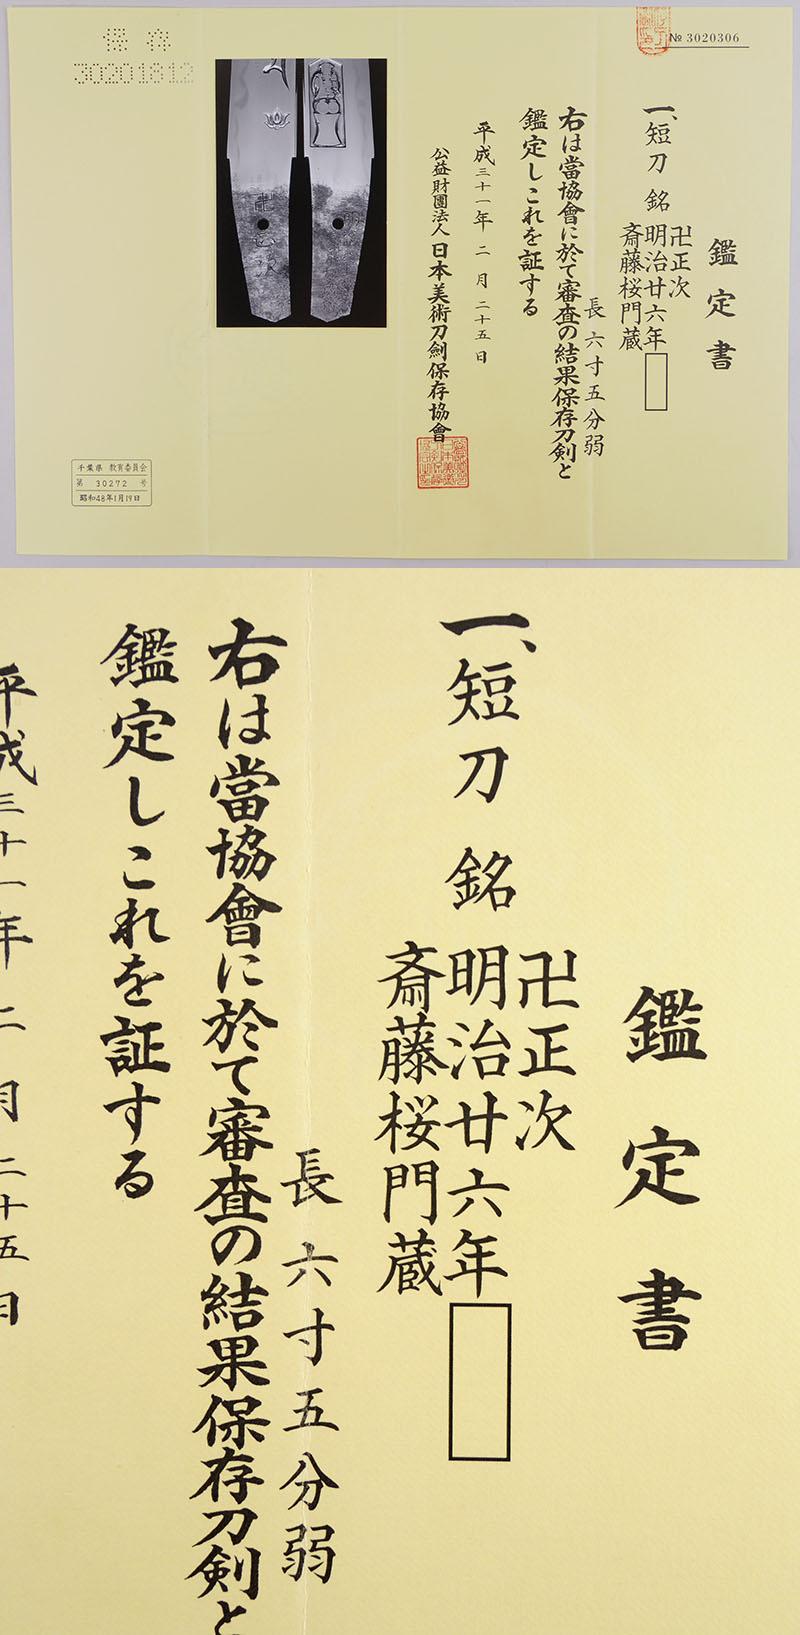 卍正次(桜井正次)鑑定書画像